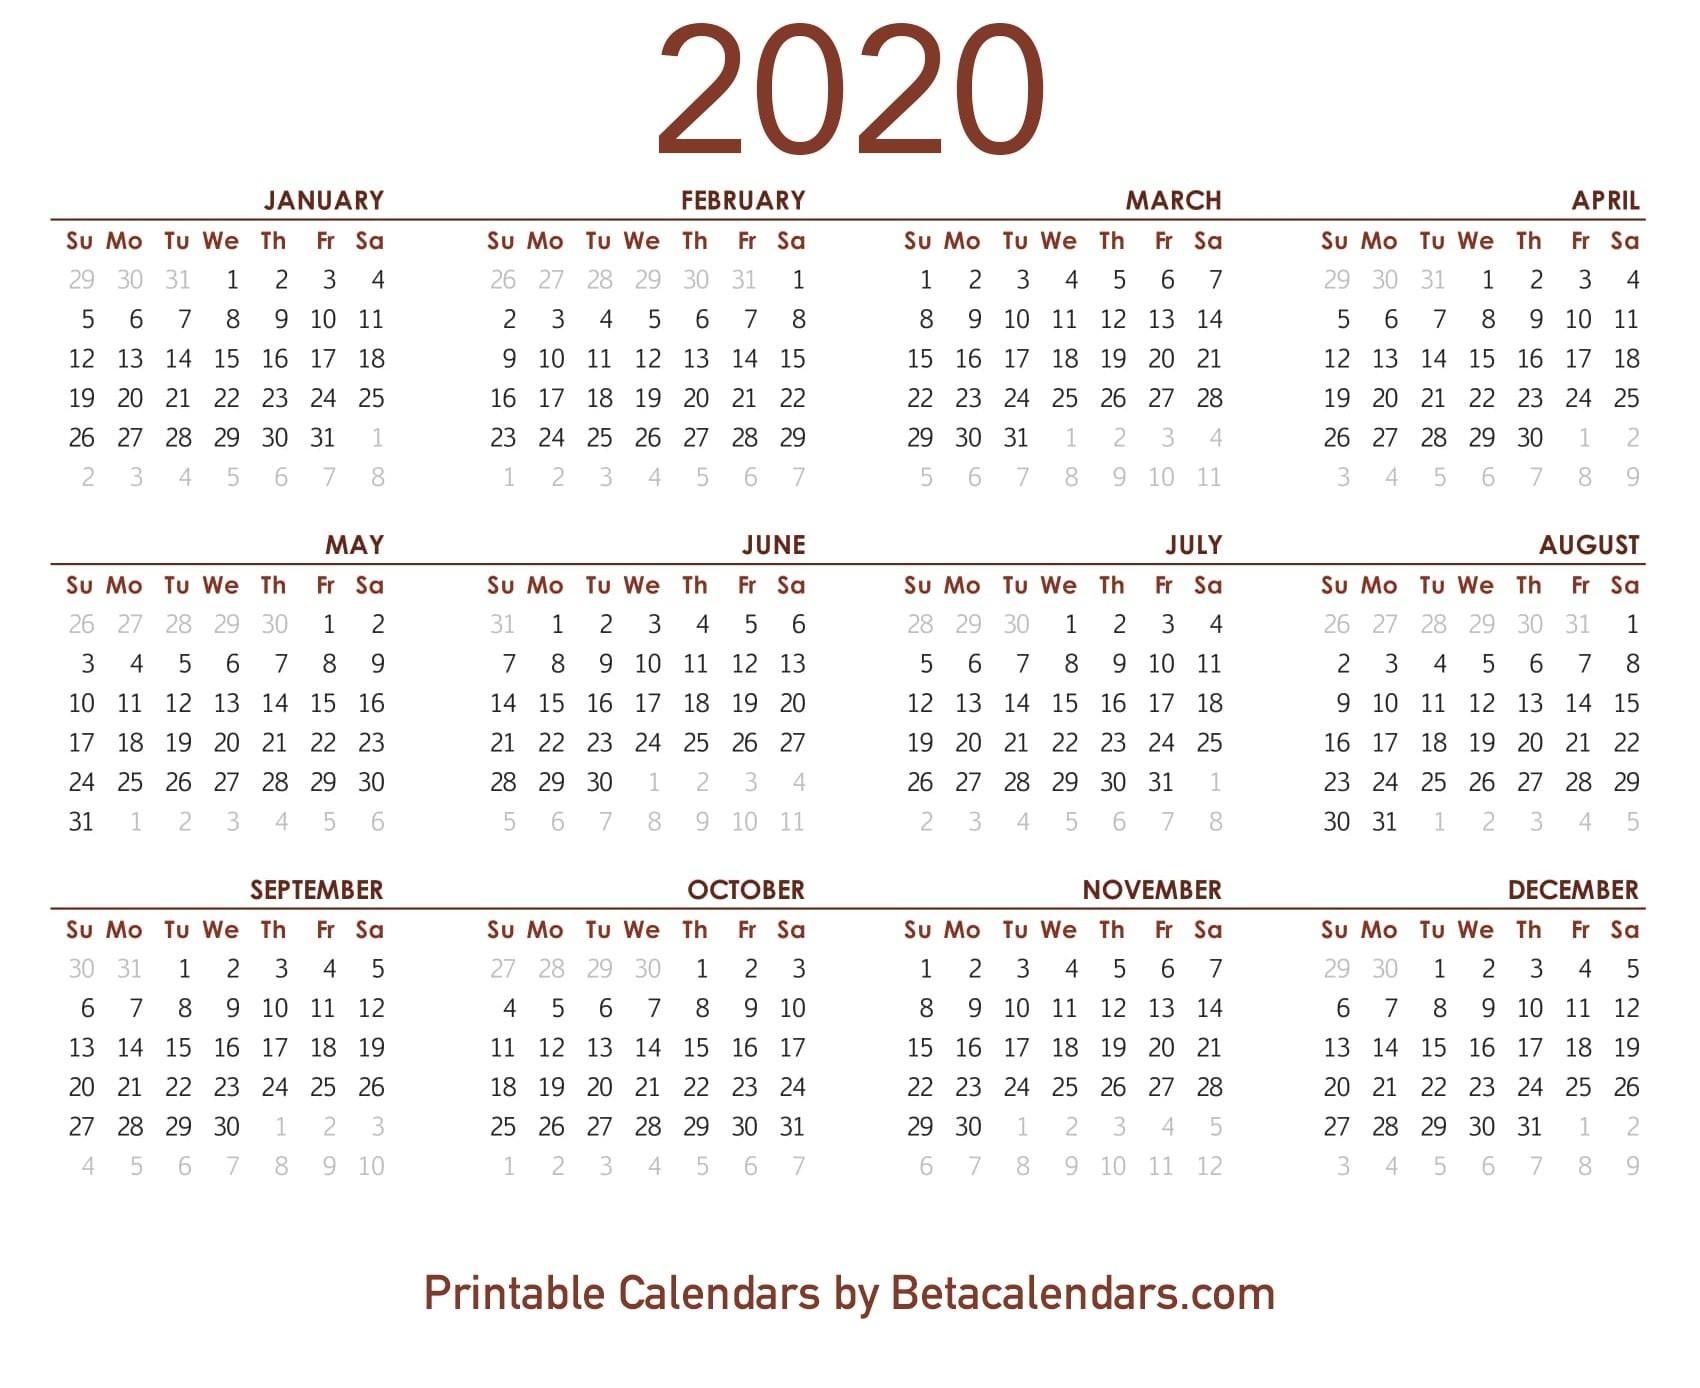 2020 Calendar - Beta Calendars  Calendar August To December 2020